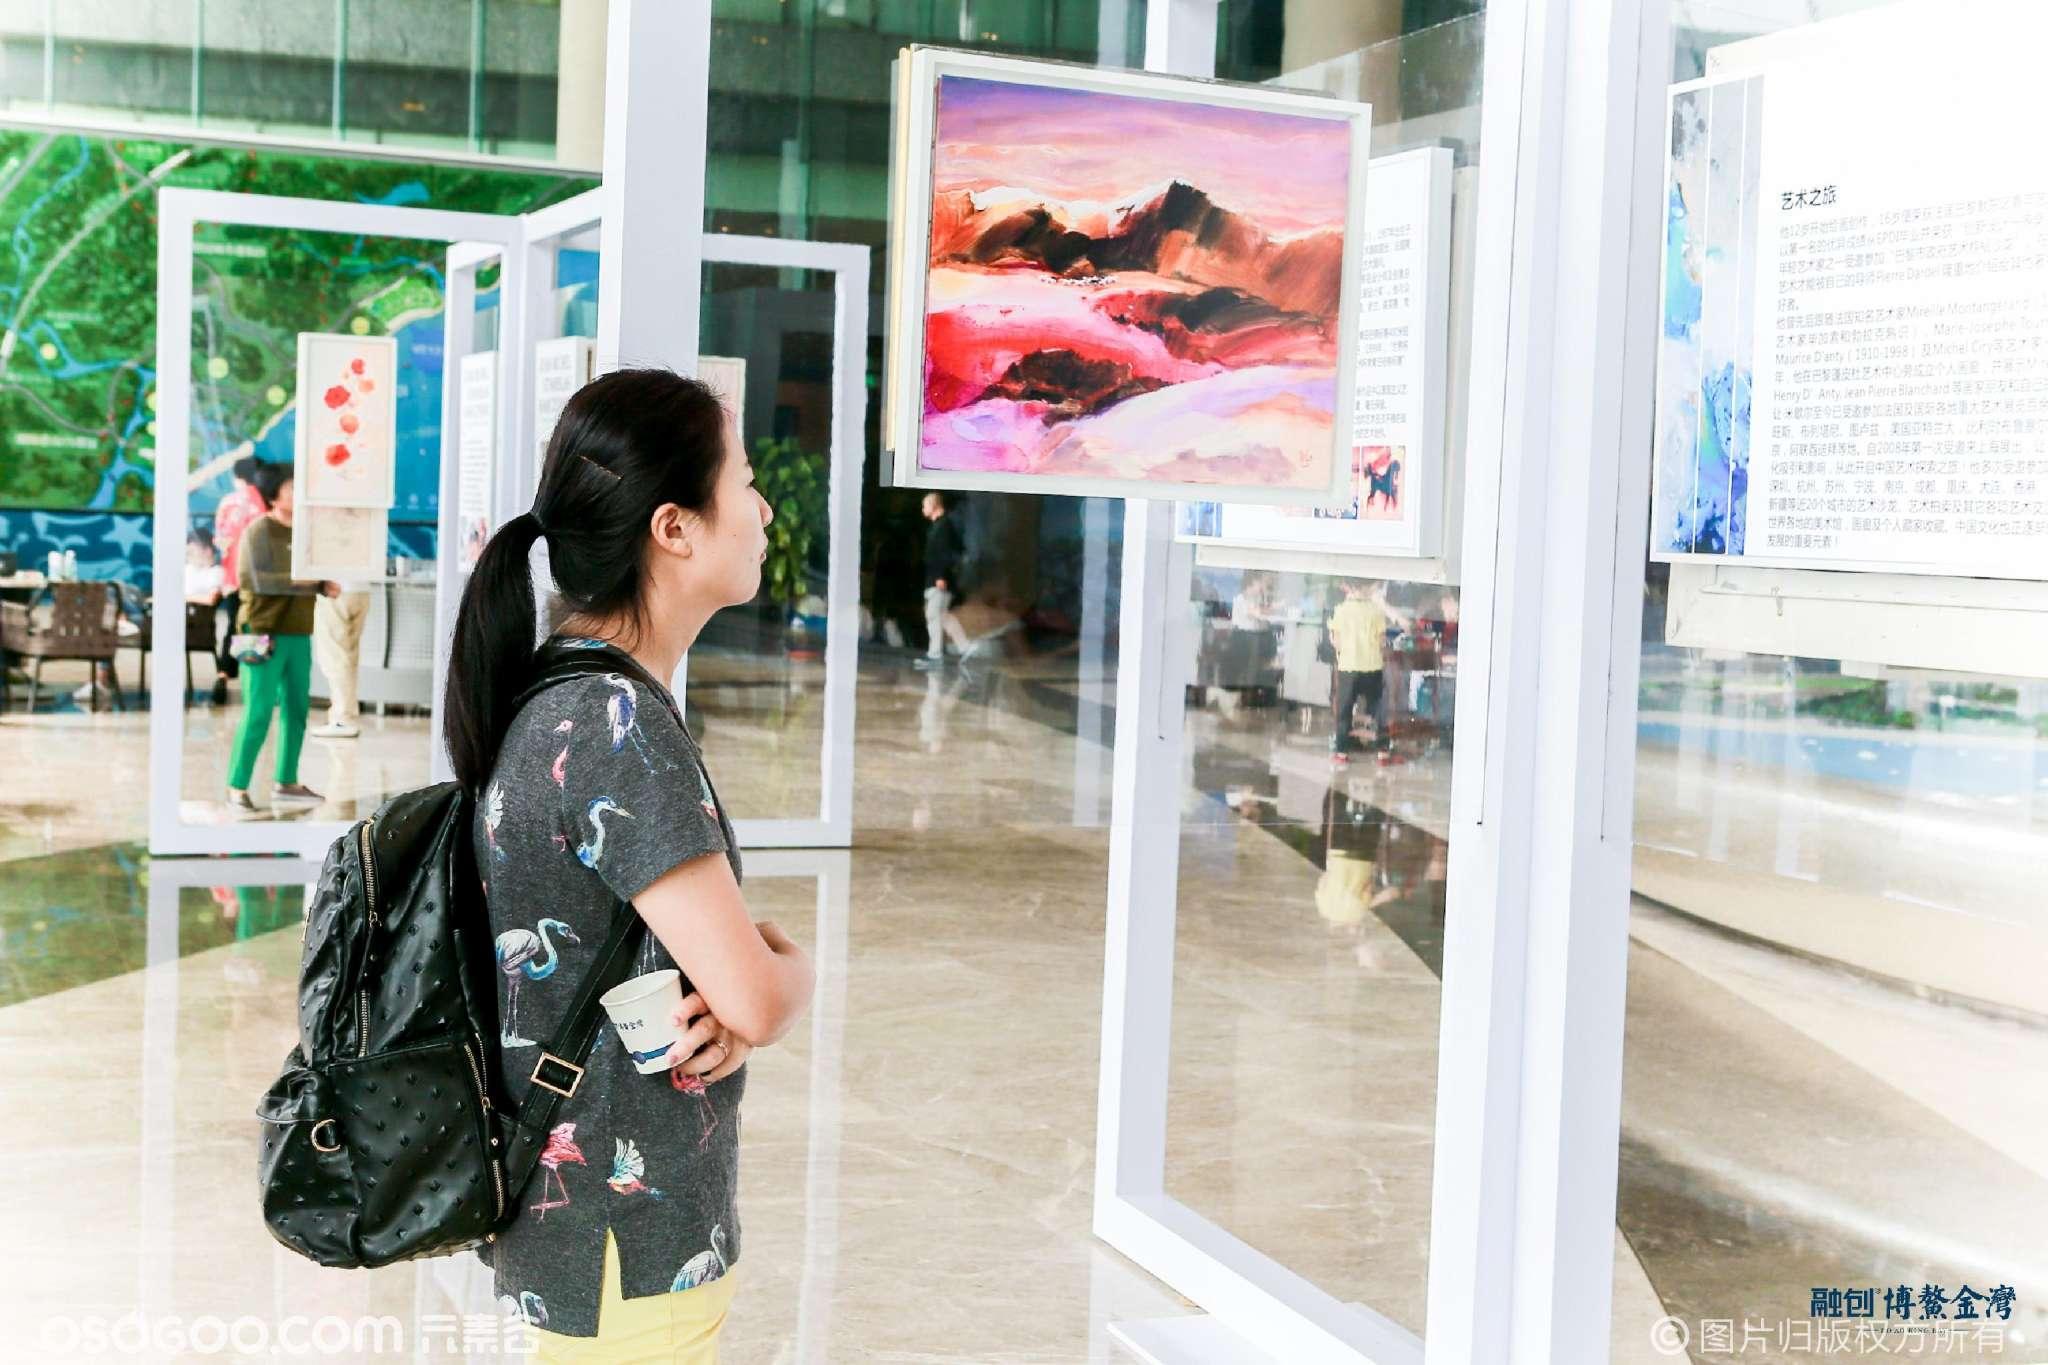 法国表现主义艺术家让·米歇尔世界巡展——博鳌站